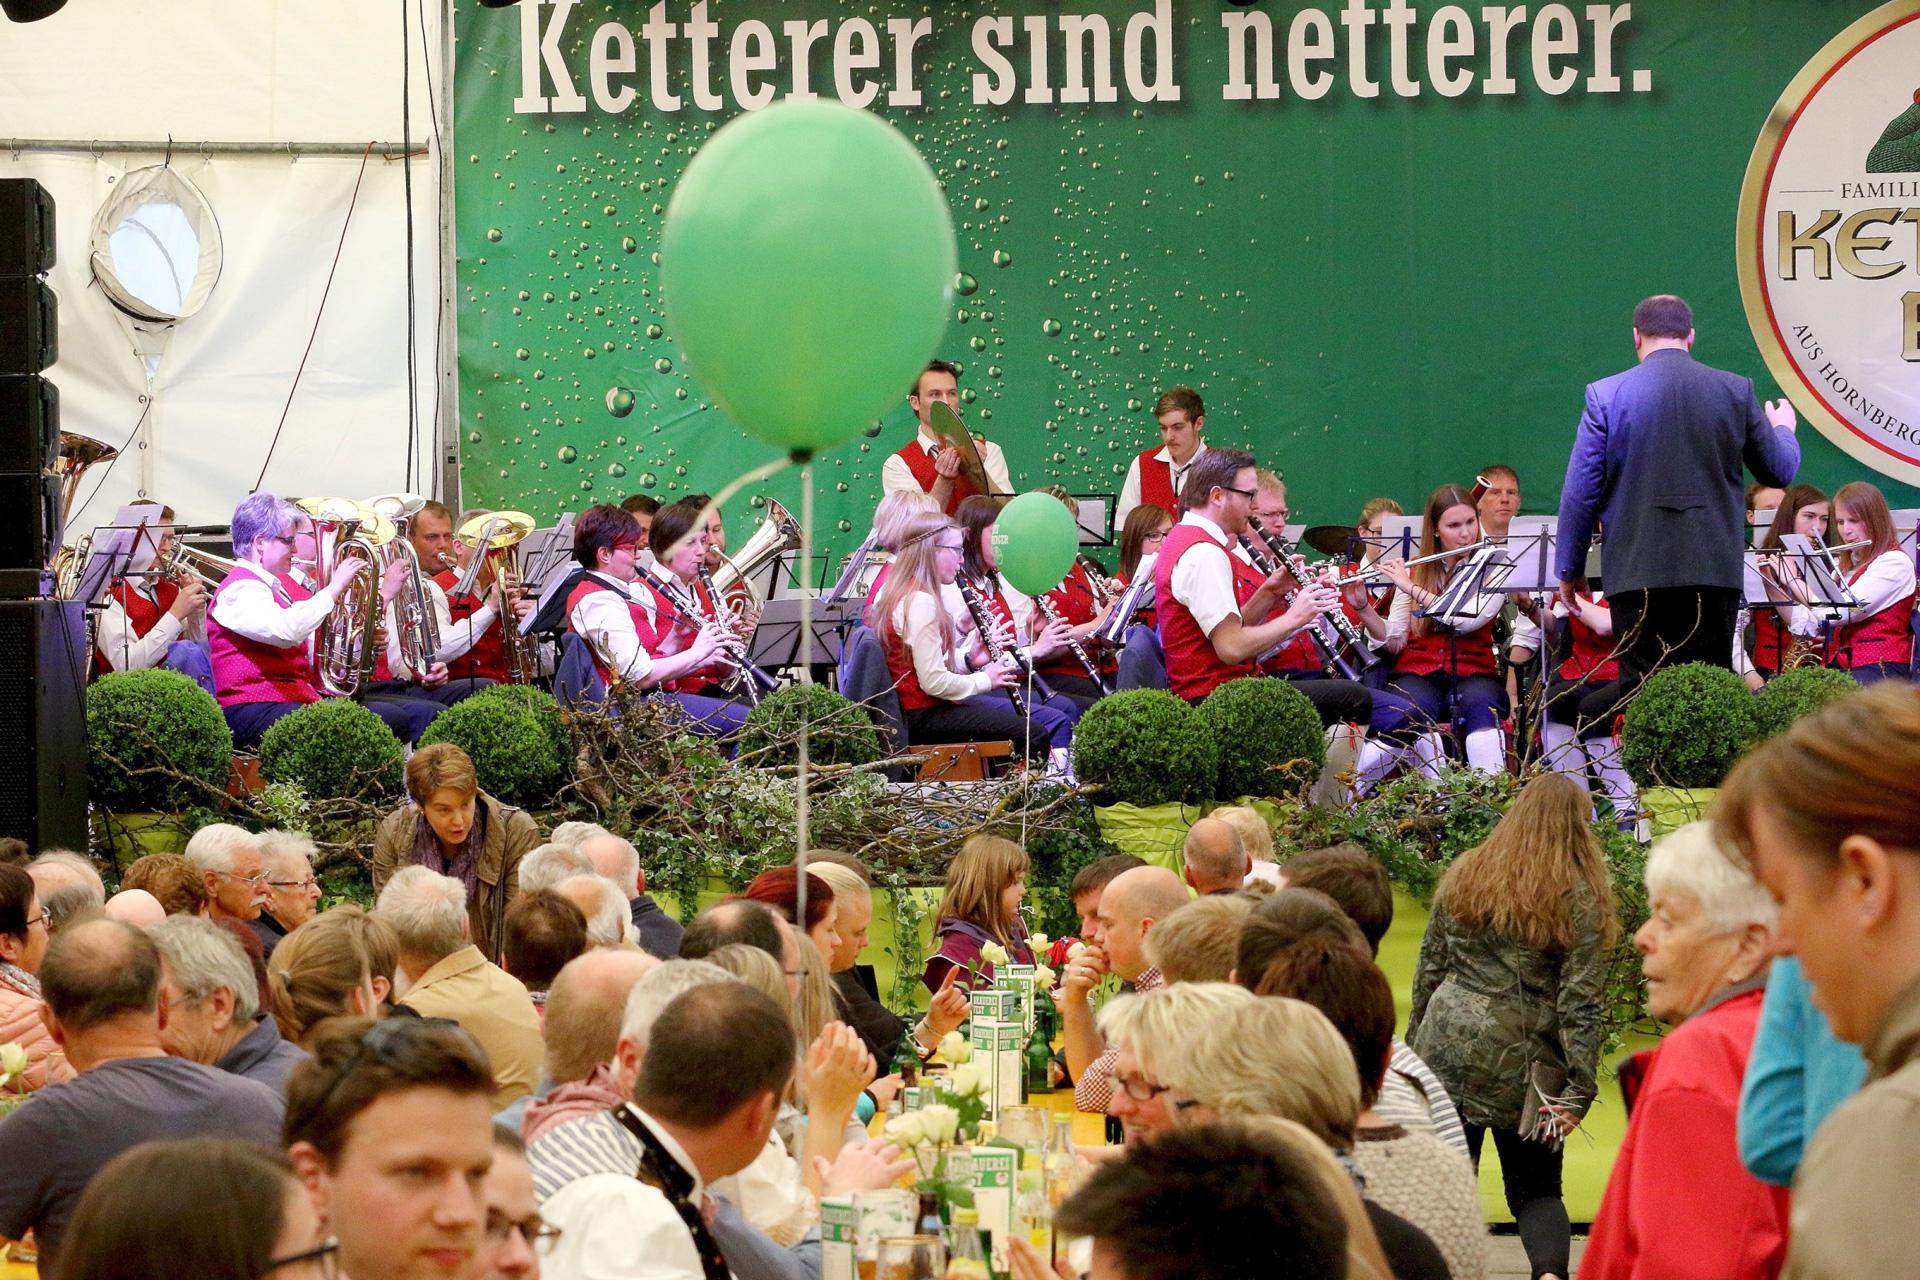 Im Festzelt spielten die Stadtkapelle Hornberg, der Musikverein Wittelbach, der Musikverein Harmonie Sulzbach (s. Foto) und zum Abschluss die Trachtenkapelle Kinzigtal aus Halbmeil.